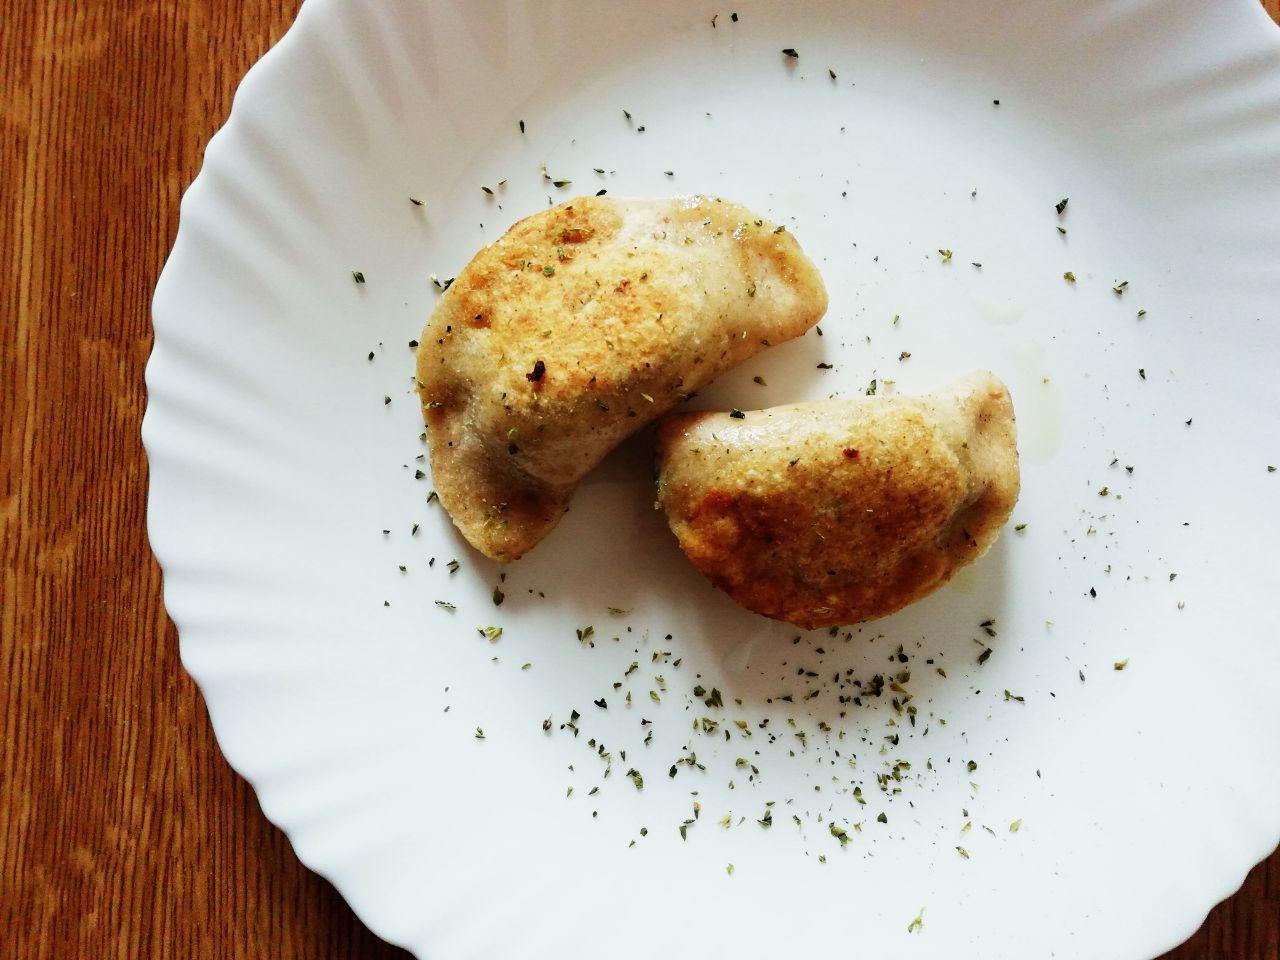 Antipasti vegetariani: calzoncini di bietole in padella, senza uova e senza formaggio!